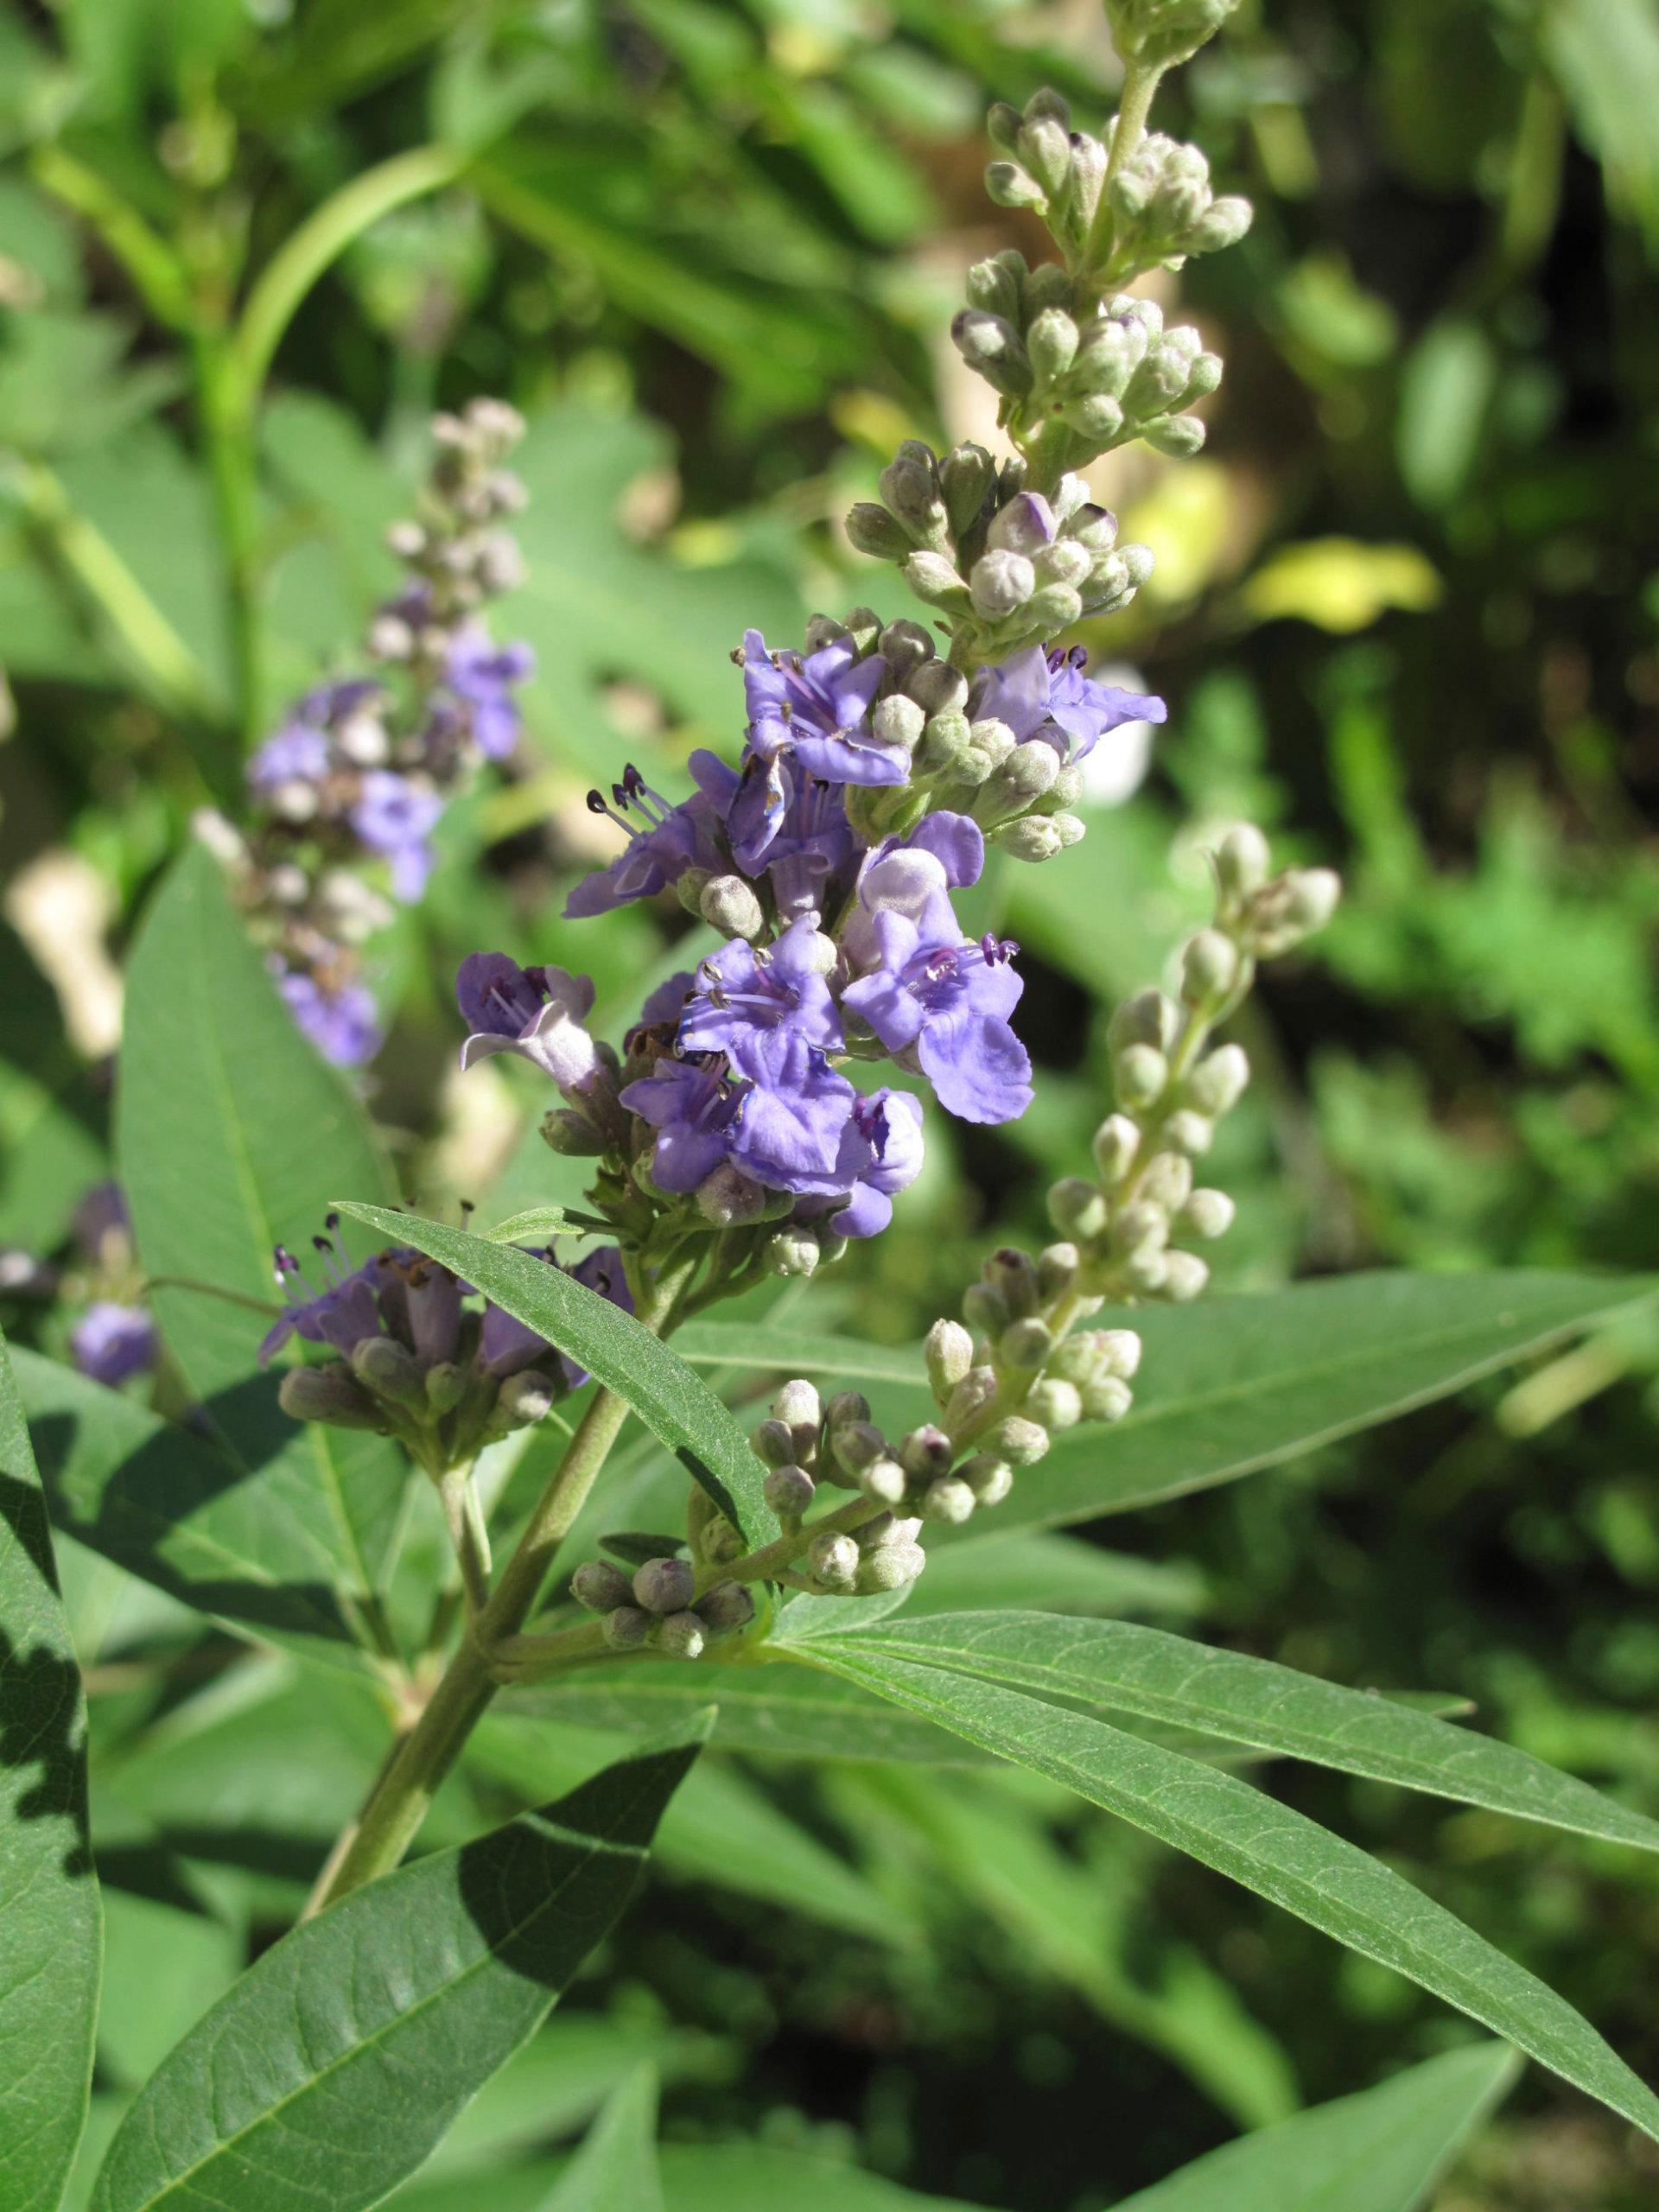 Mönchspfeffer als pflanzliche Therapiemöglichkeit bei PMS